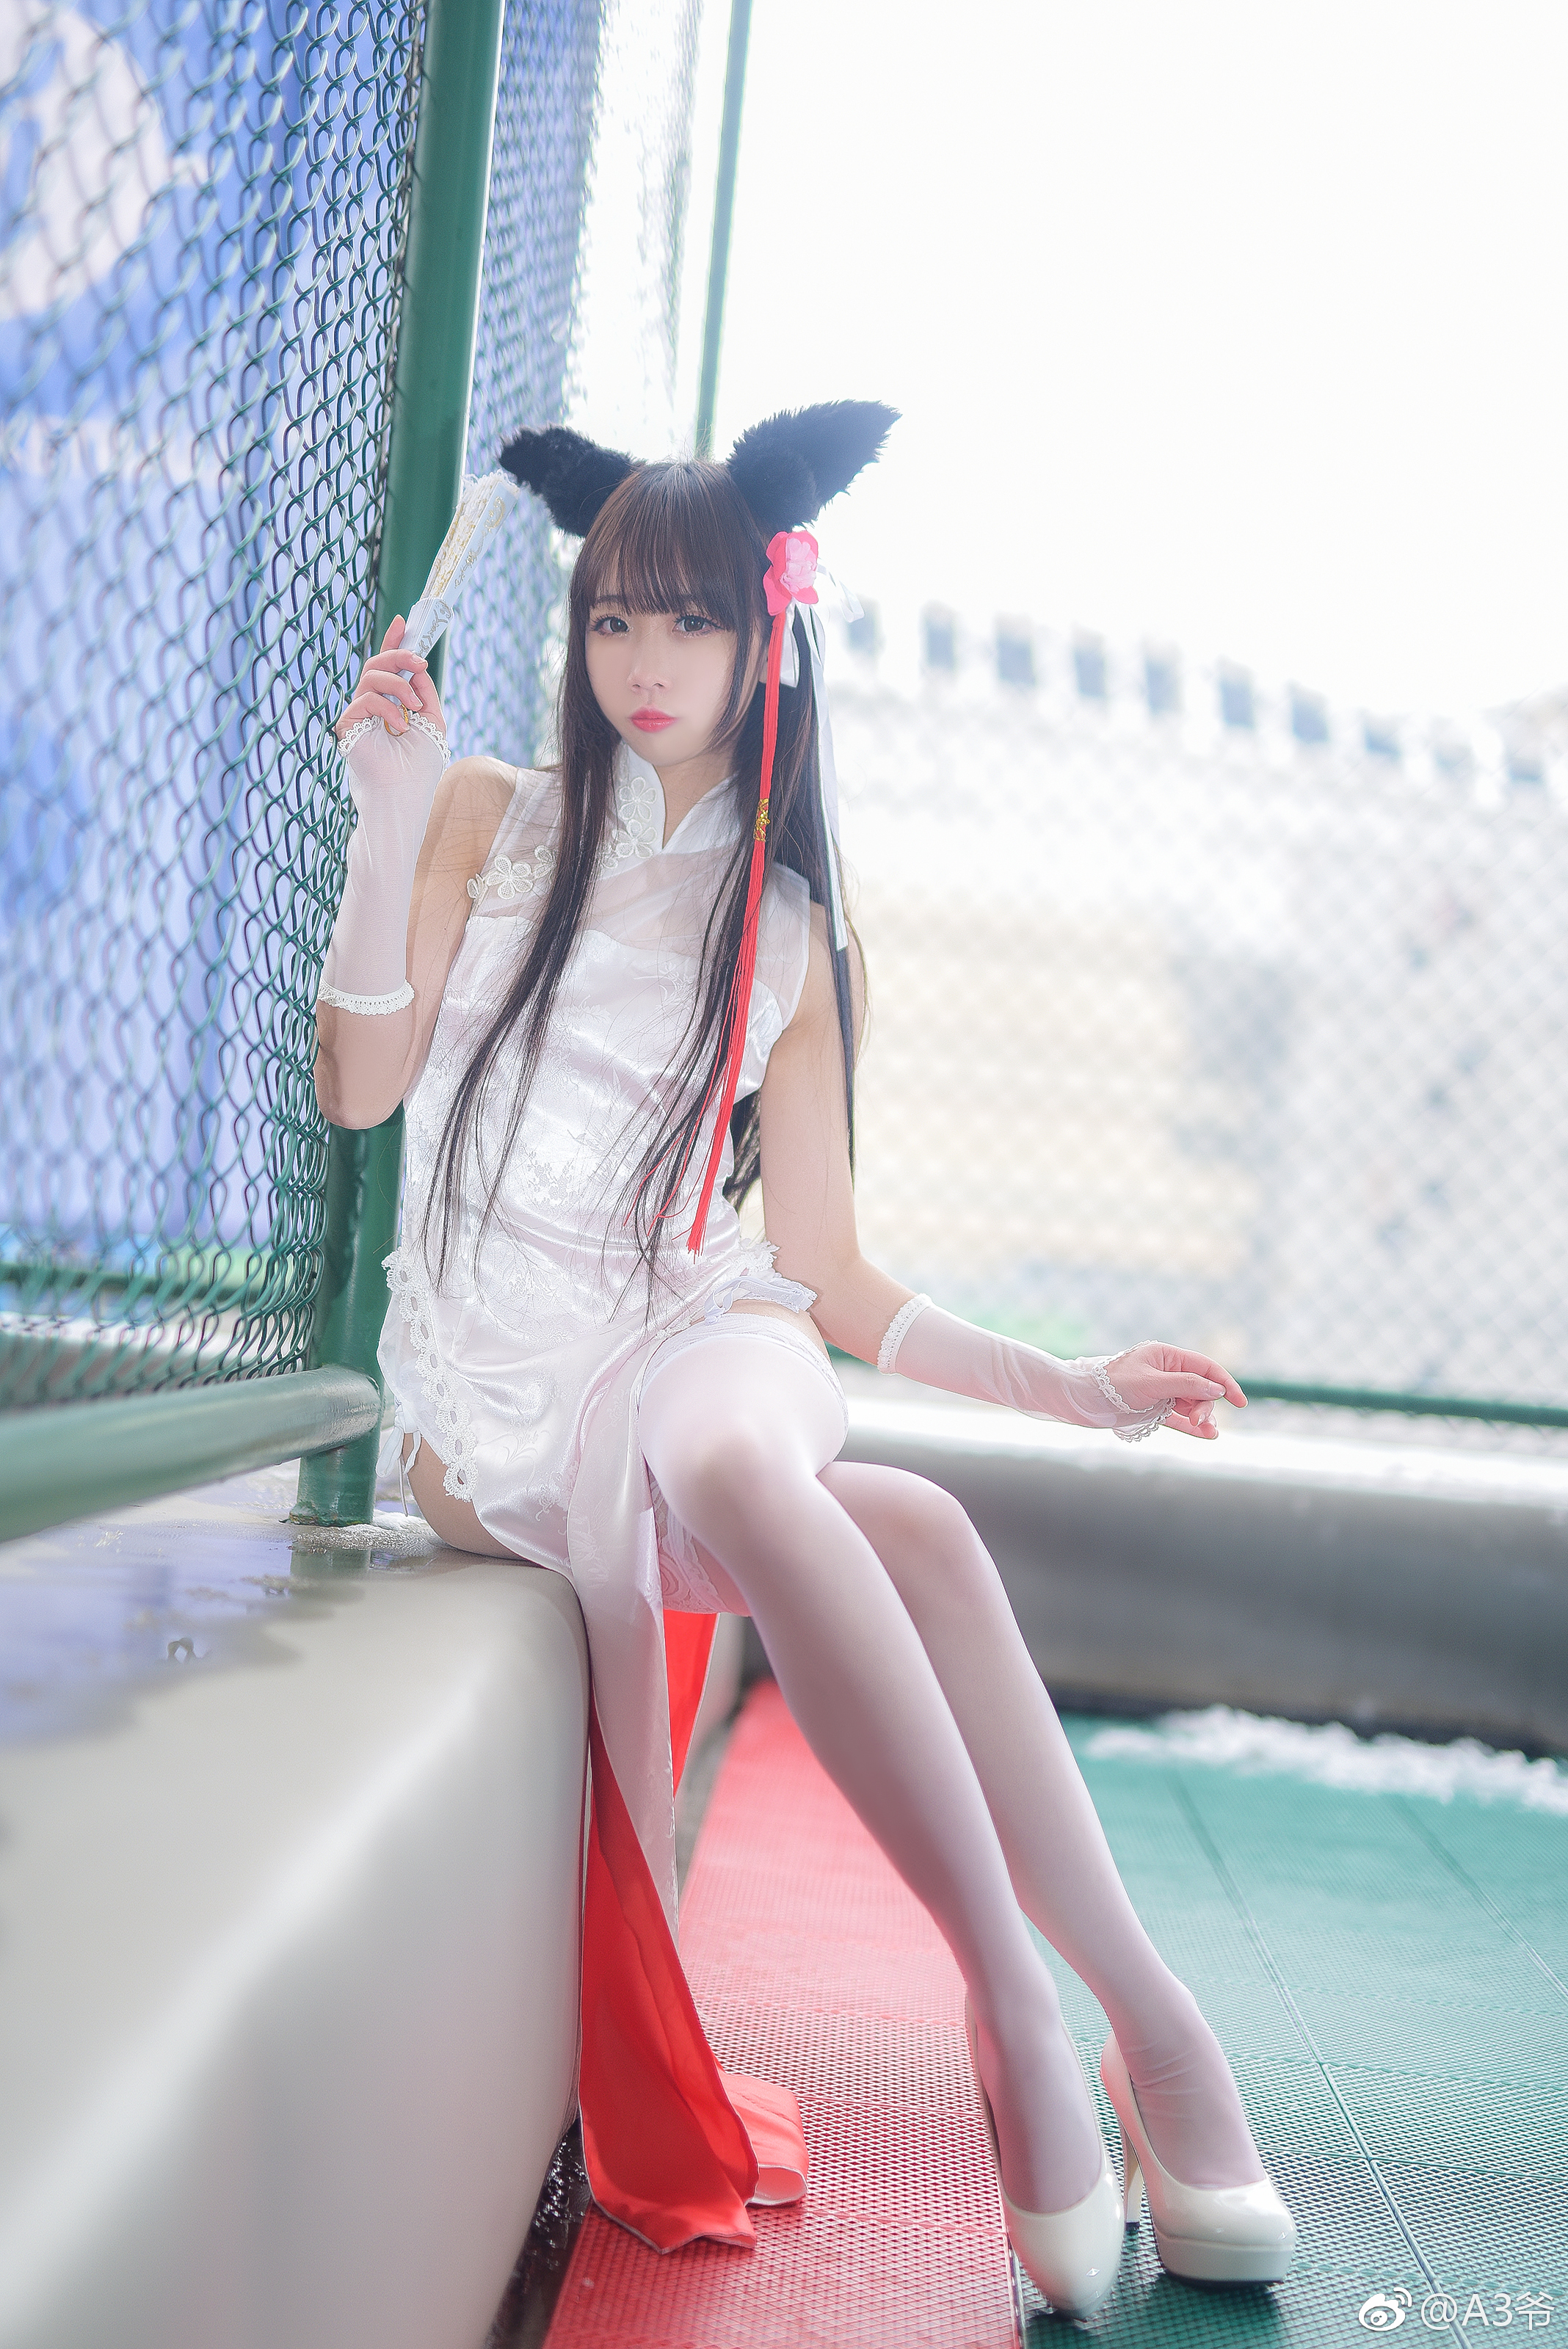 雪琪SAMA让人社保的旗袍白丝吊带袜(9P)